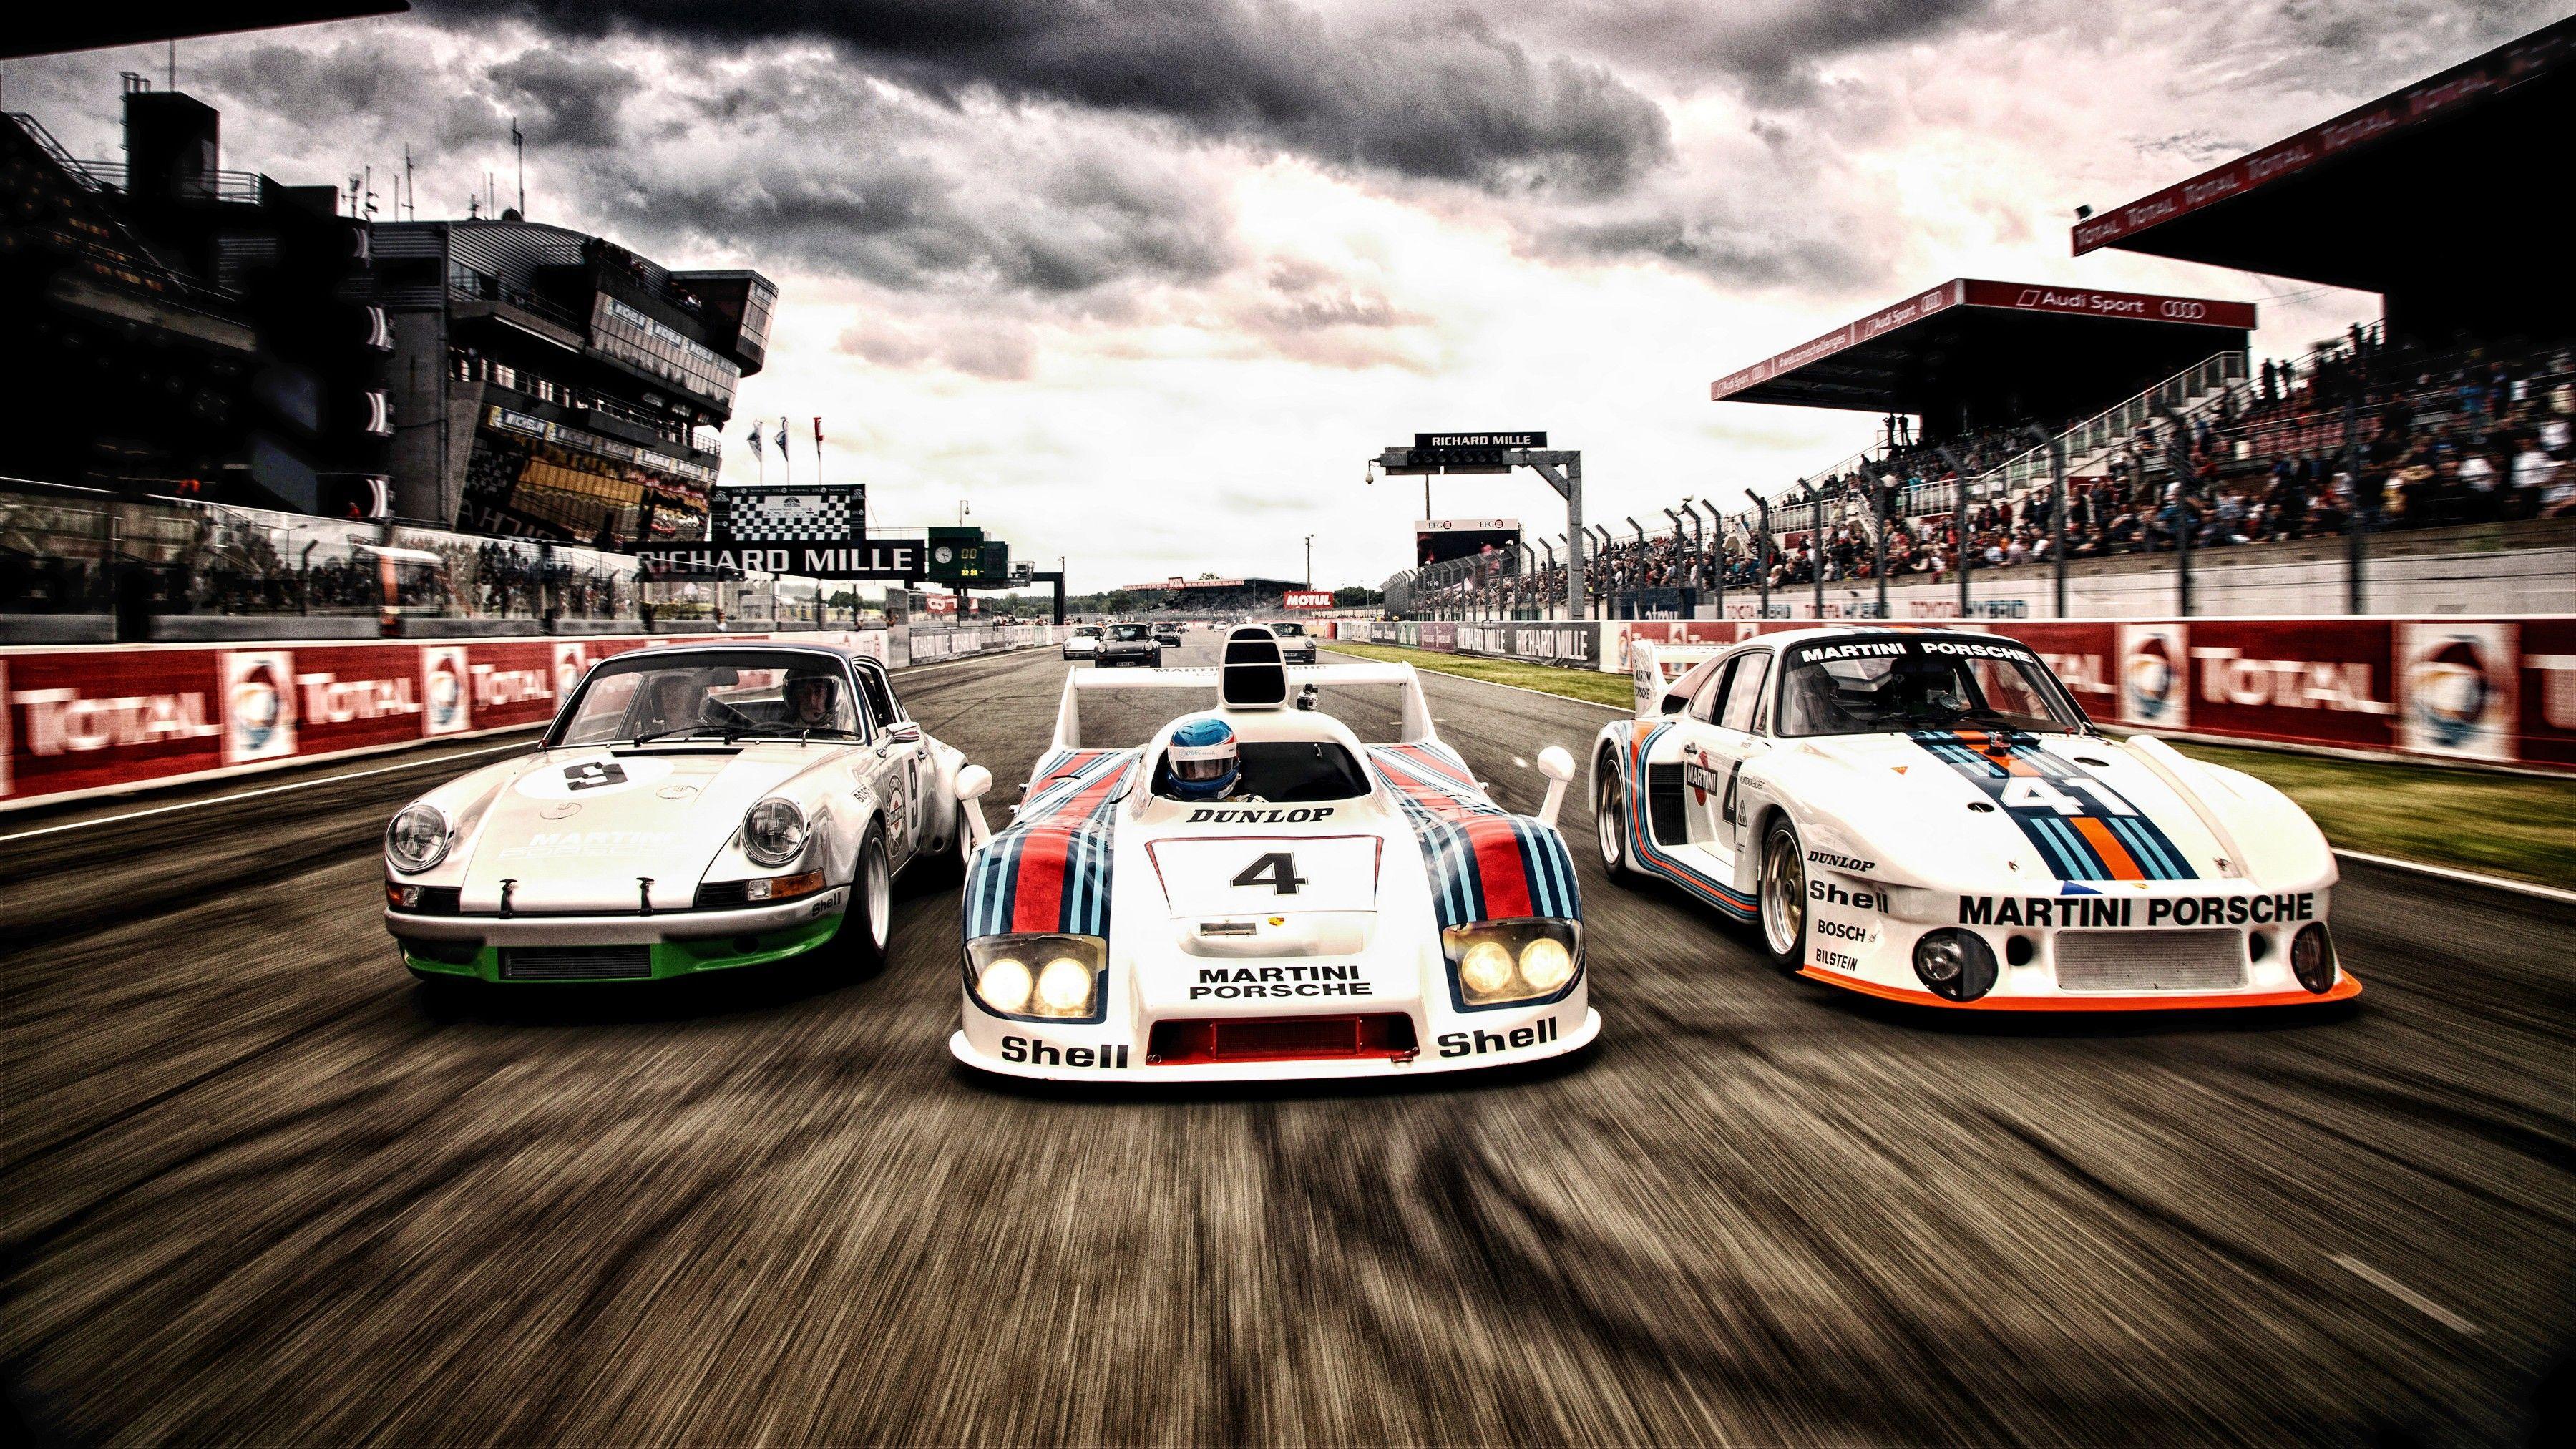 Cool Race Cars Porsche